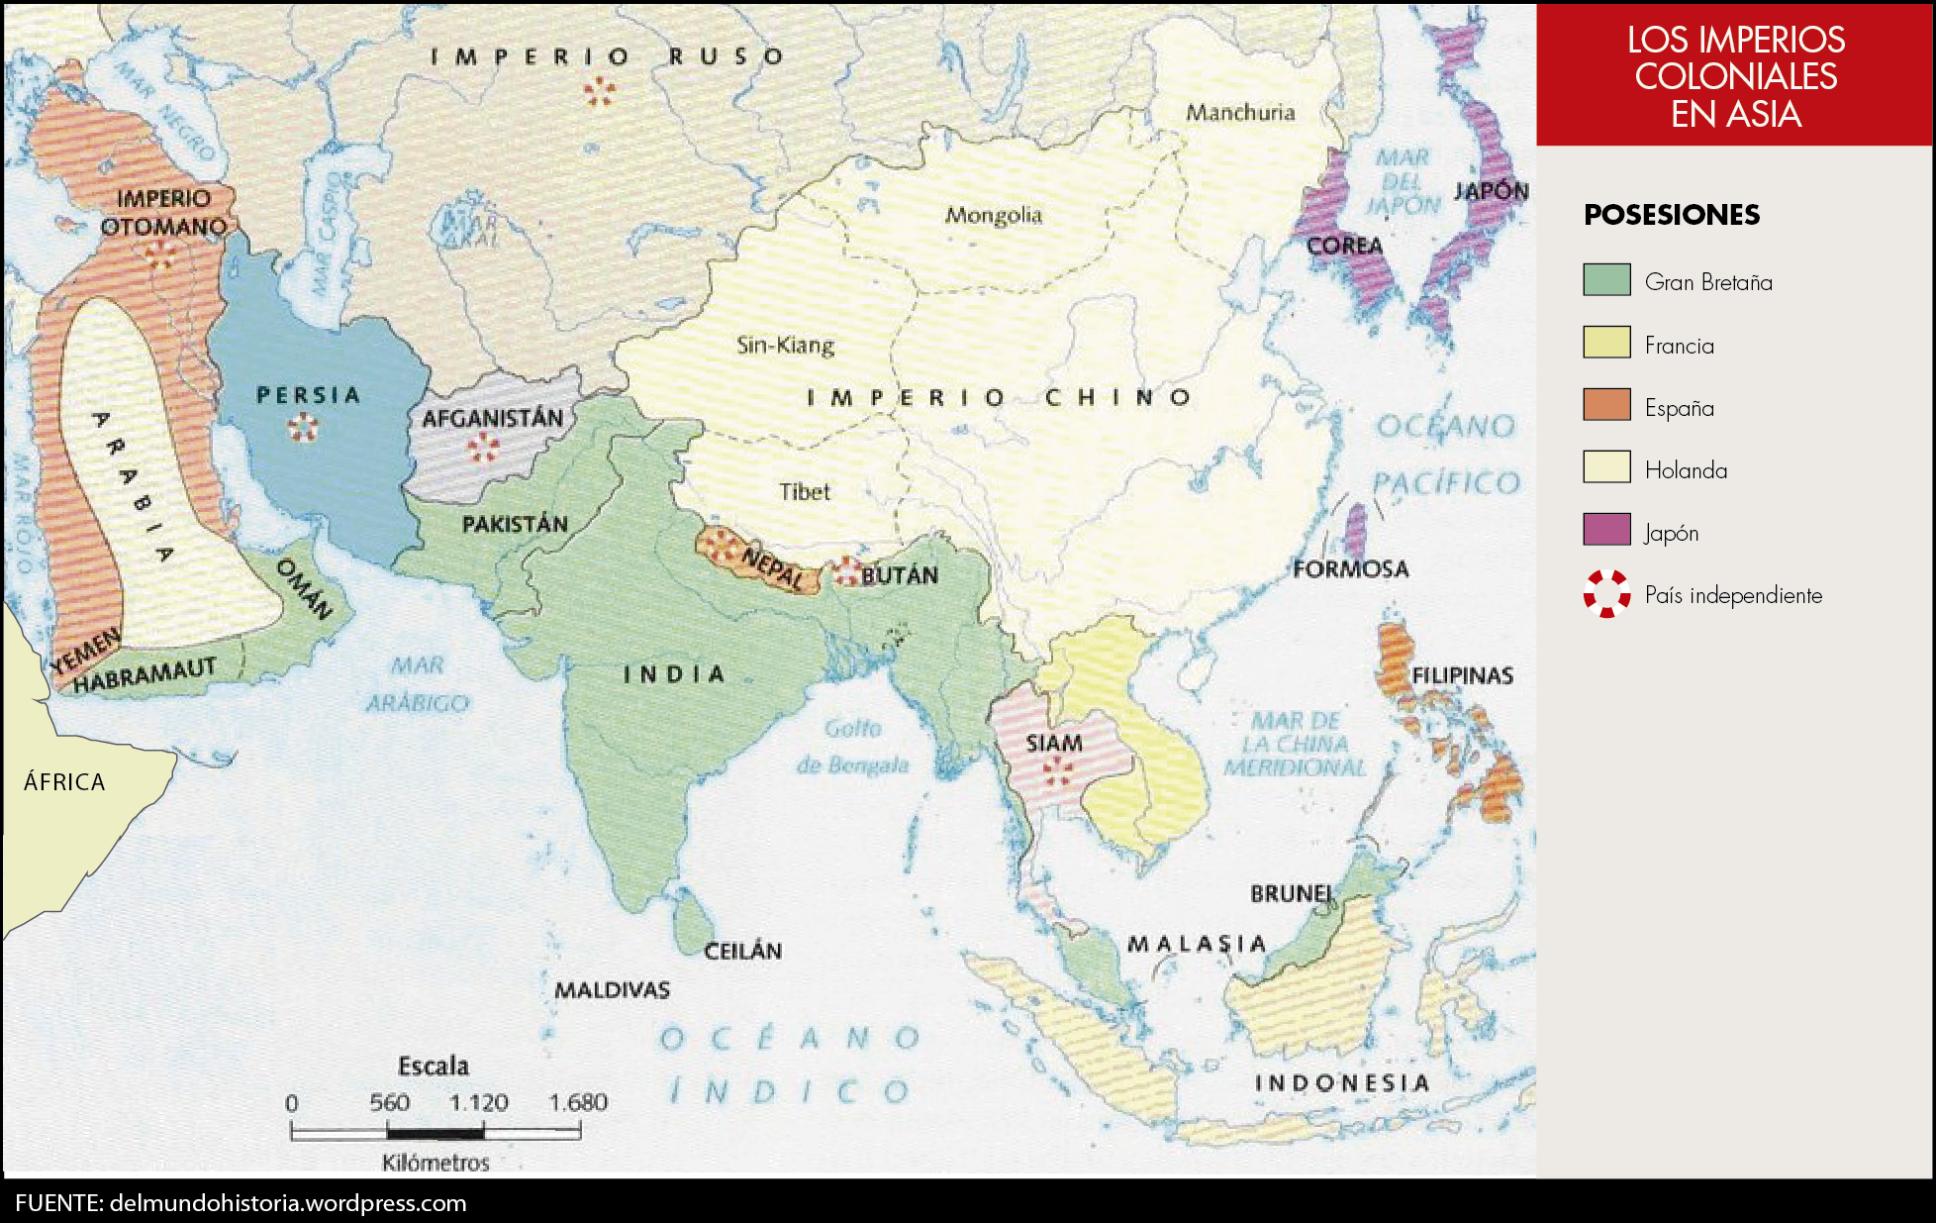 Los imperios coloniales en Asia  Carpetas Docentes de Historia